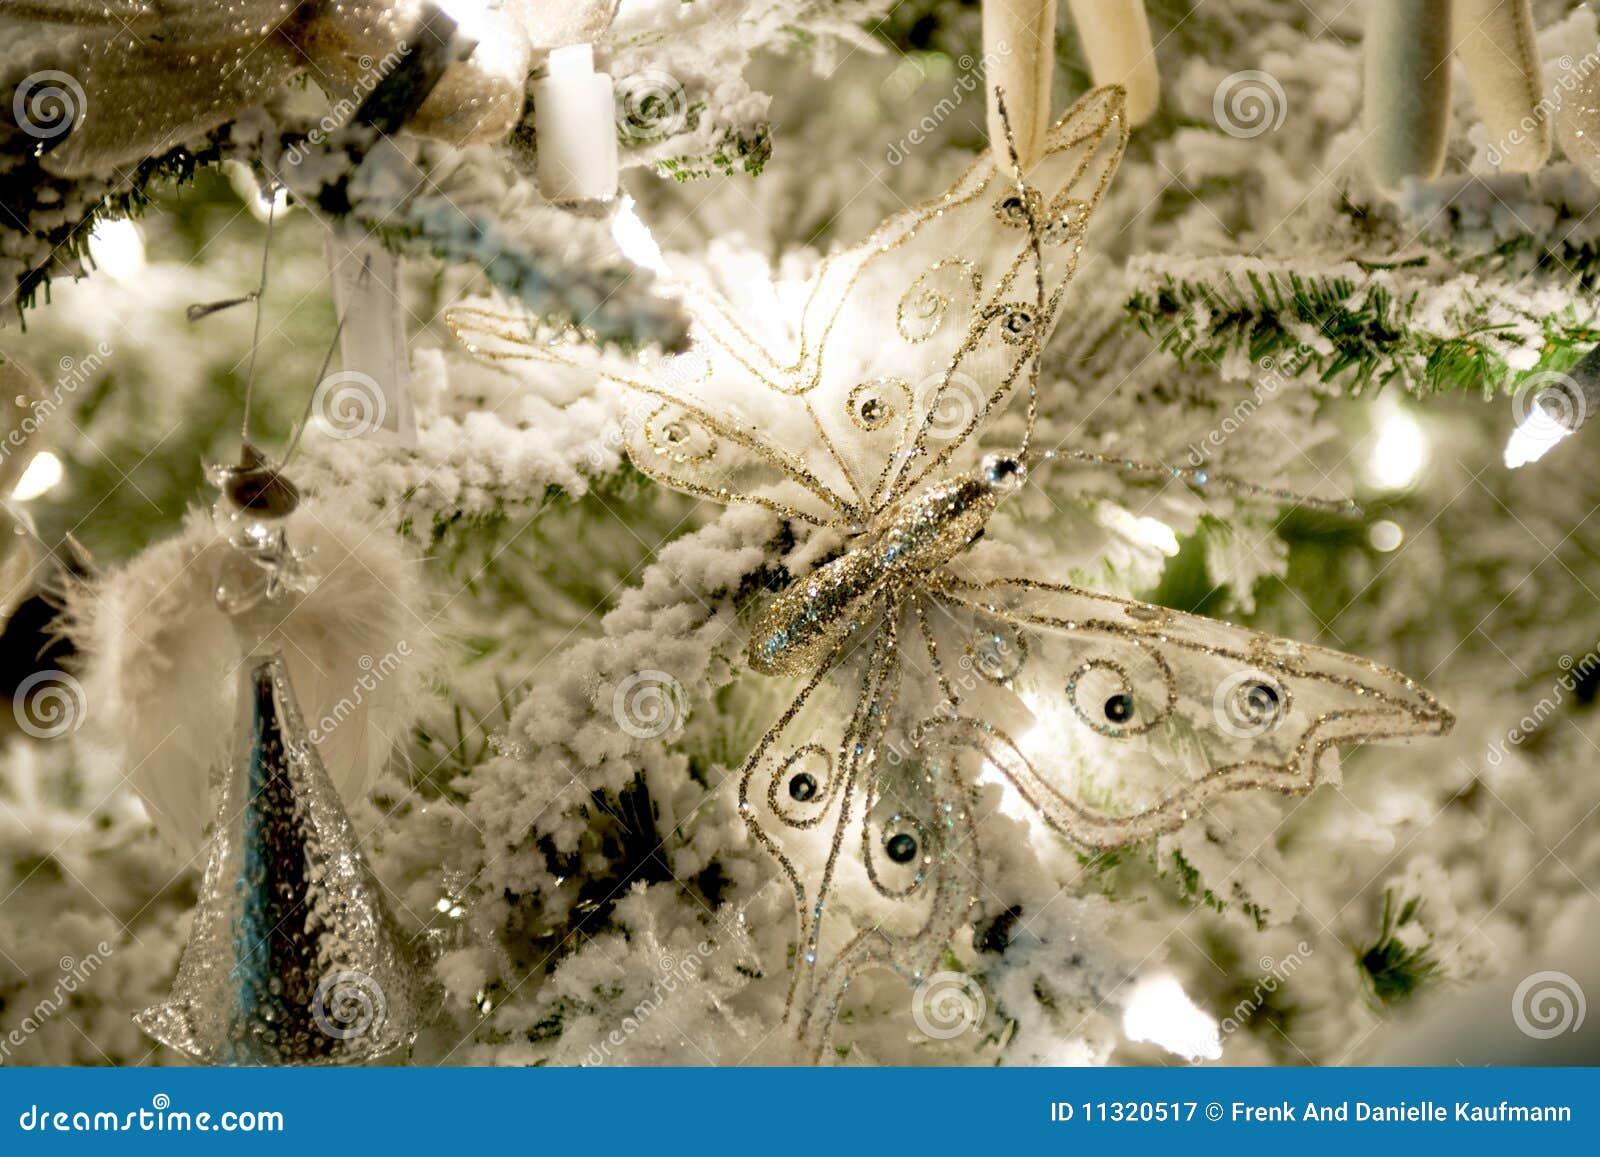 Weihnachtsdekorationen, die im grünen Weihnachtsbaum hängen